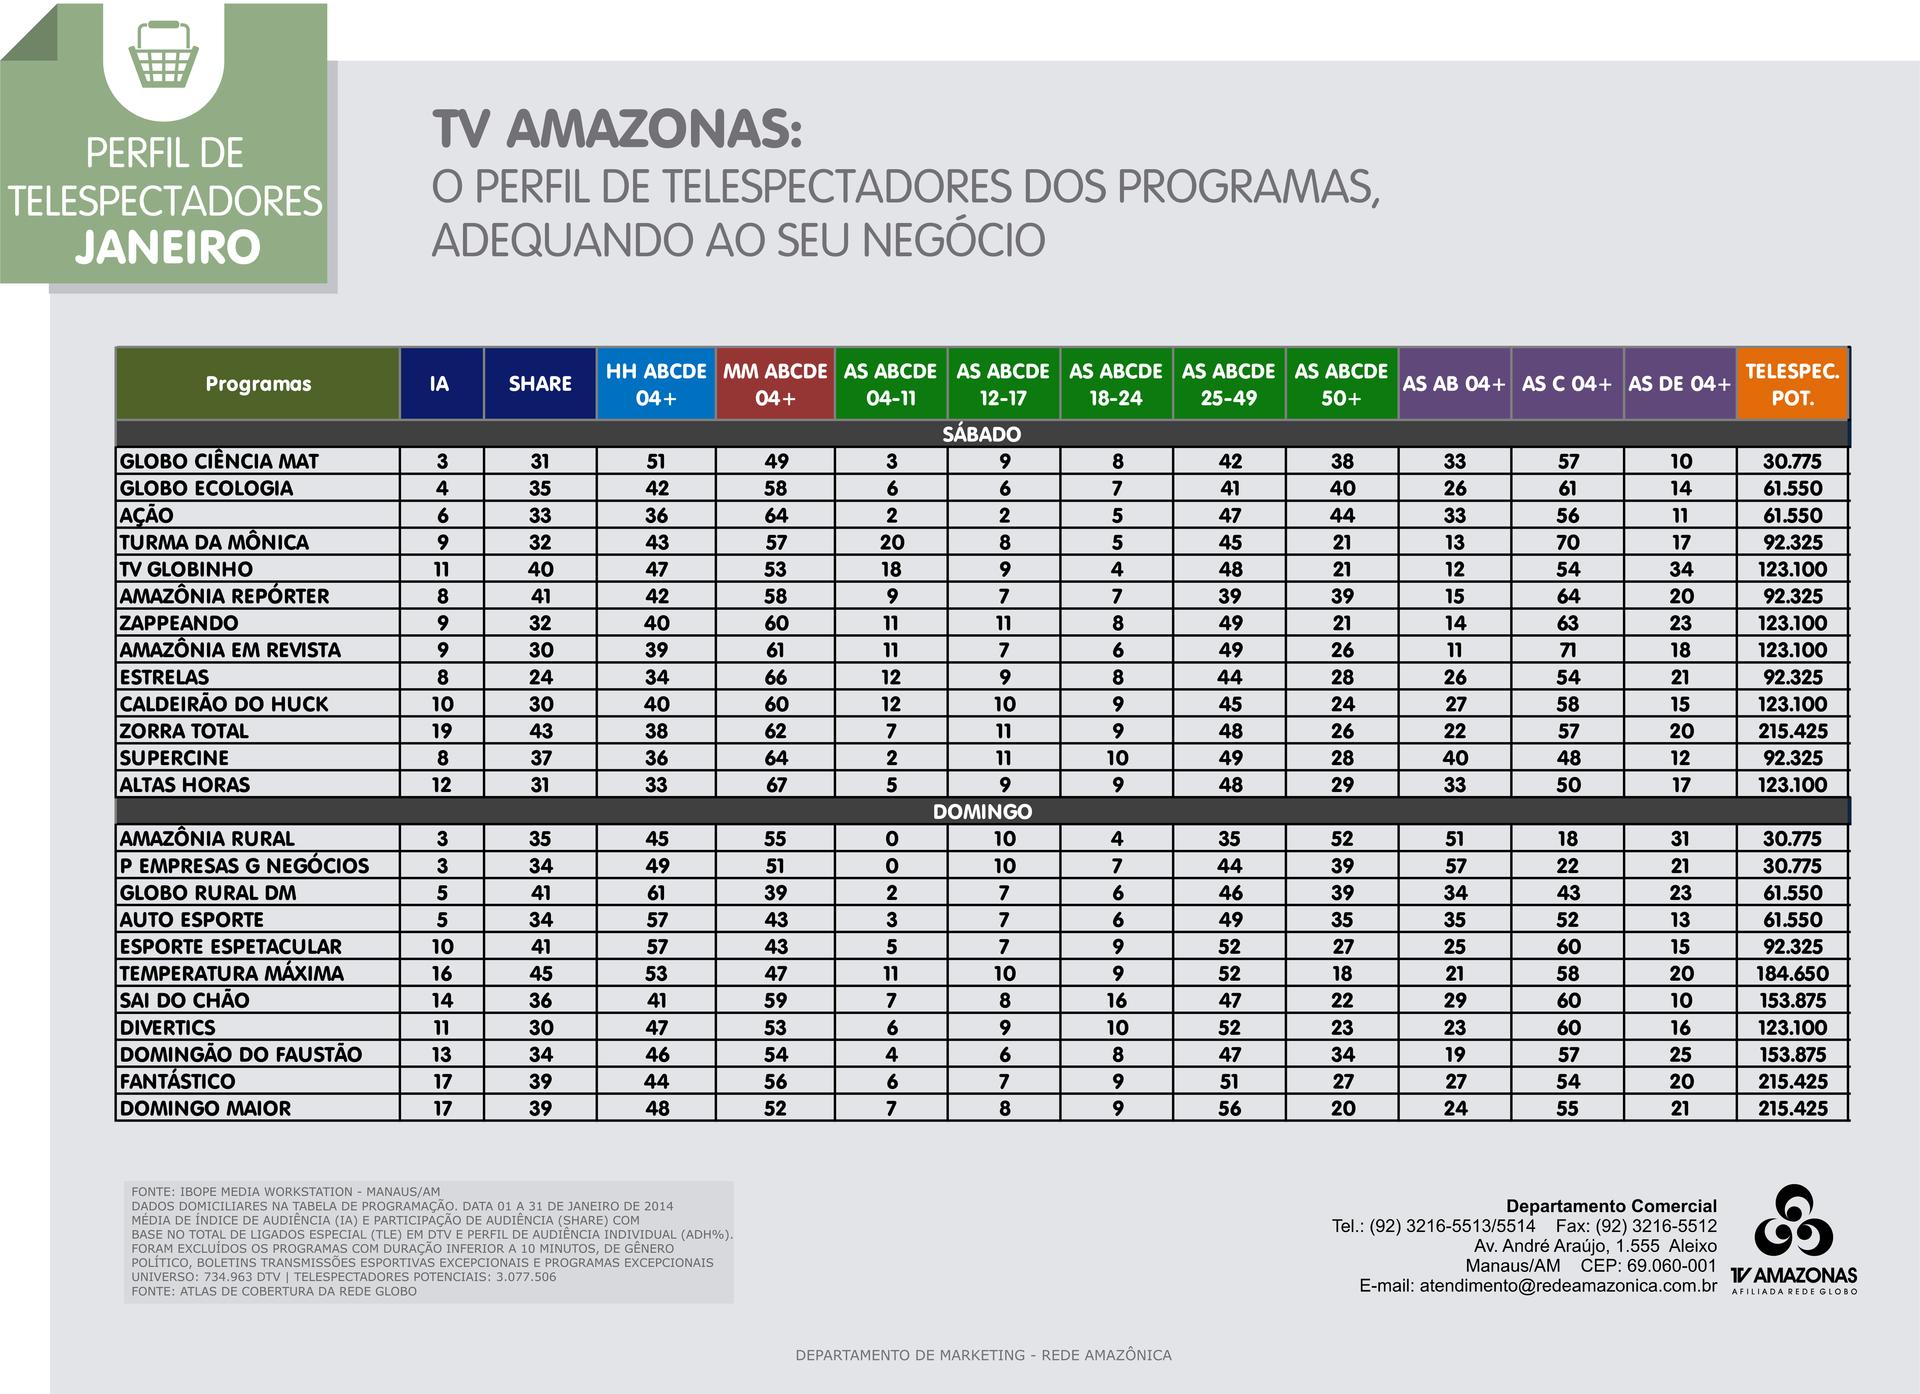 Confira o perfil de telespectadores da TV Amazonas em janeiro/2014 (Foto: TV Amazonas)